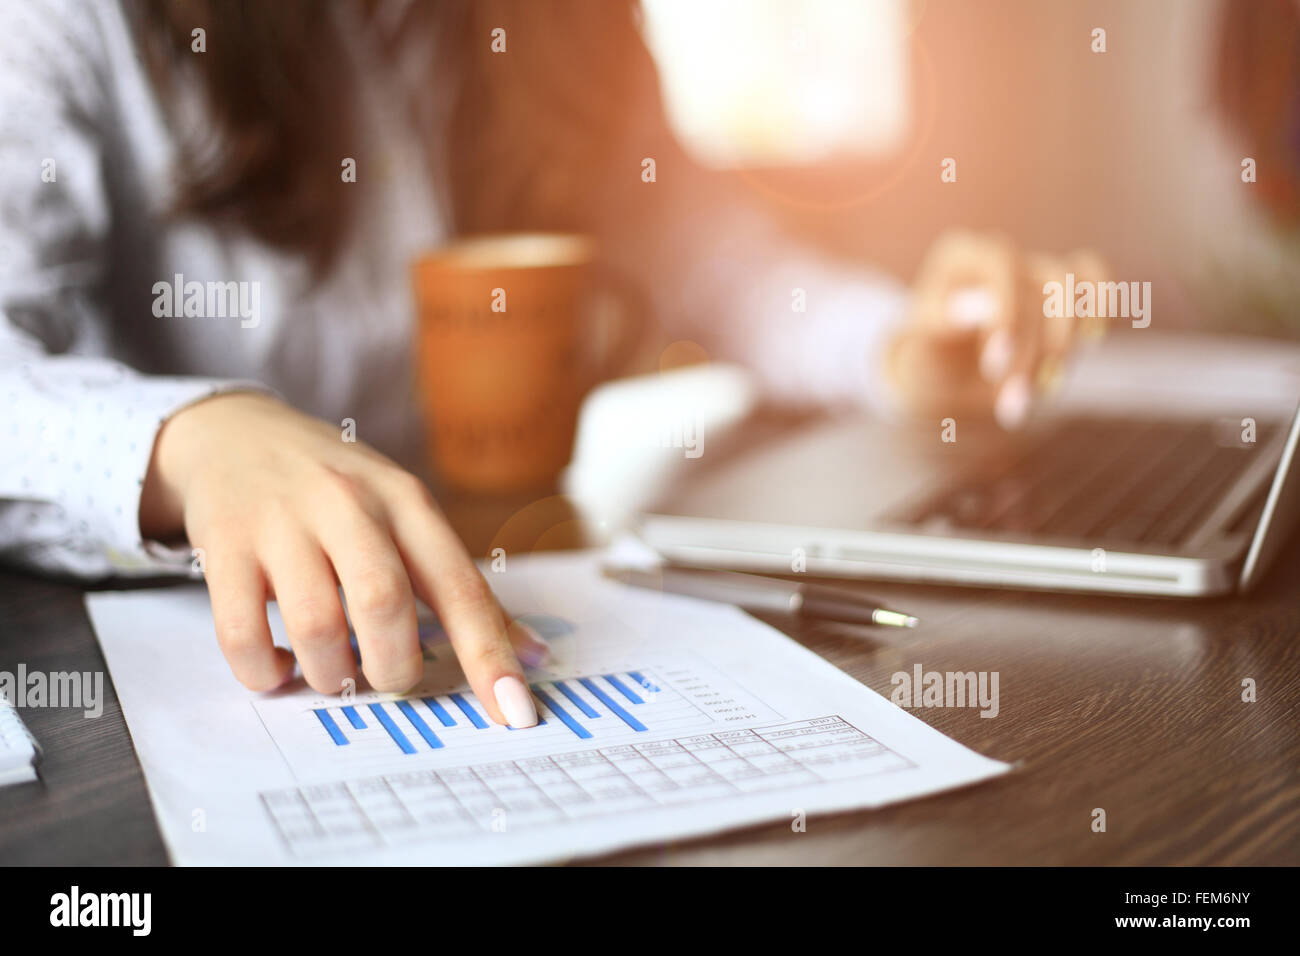 Manos de gestor financiero tomando notas cuando trabaje en informe Foto de stock